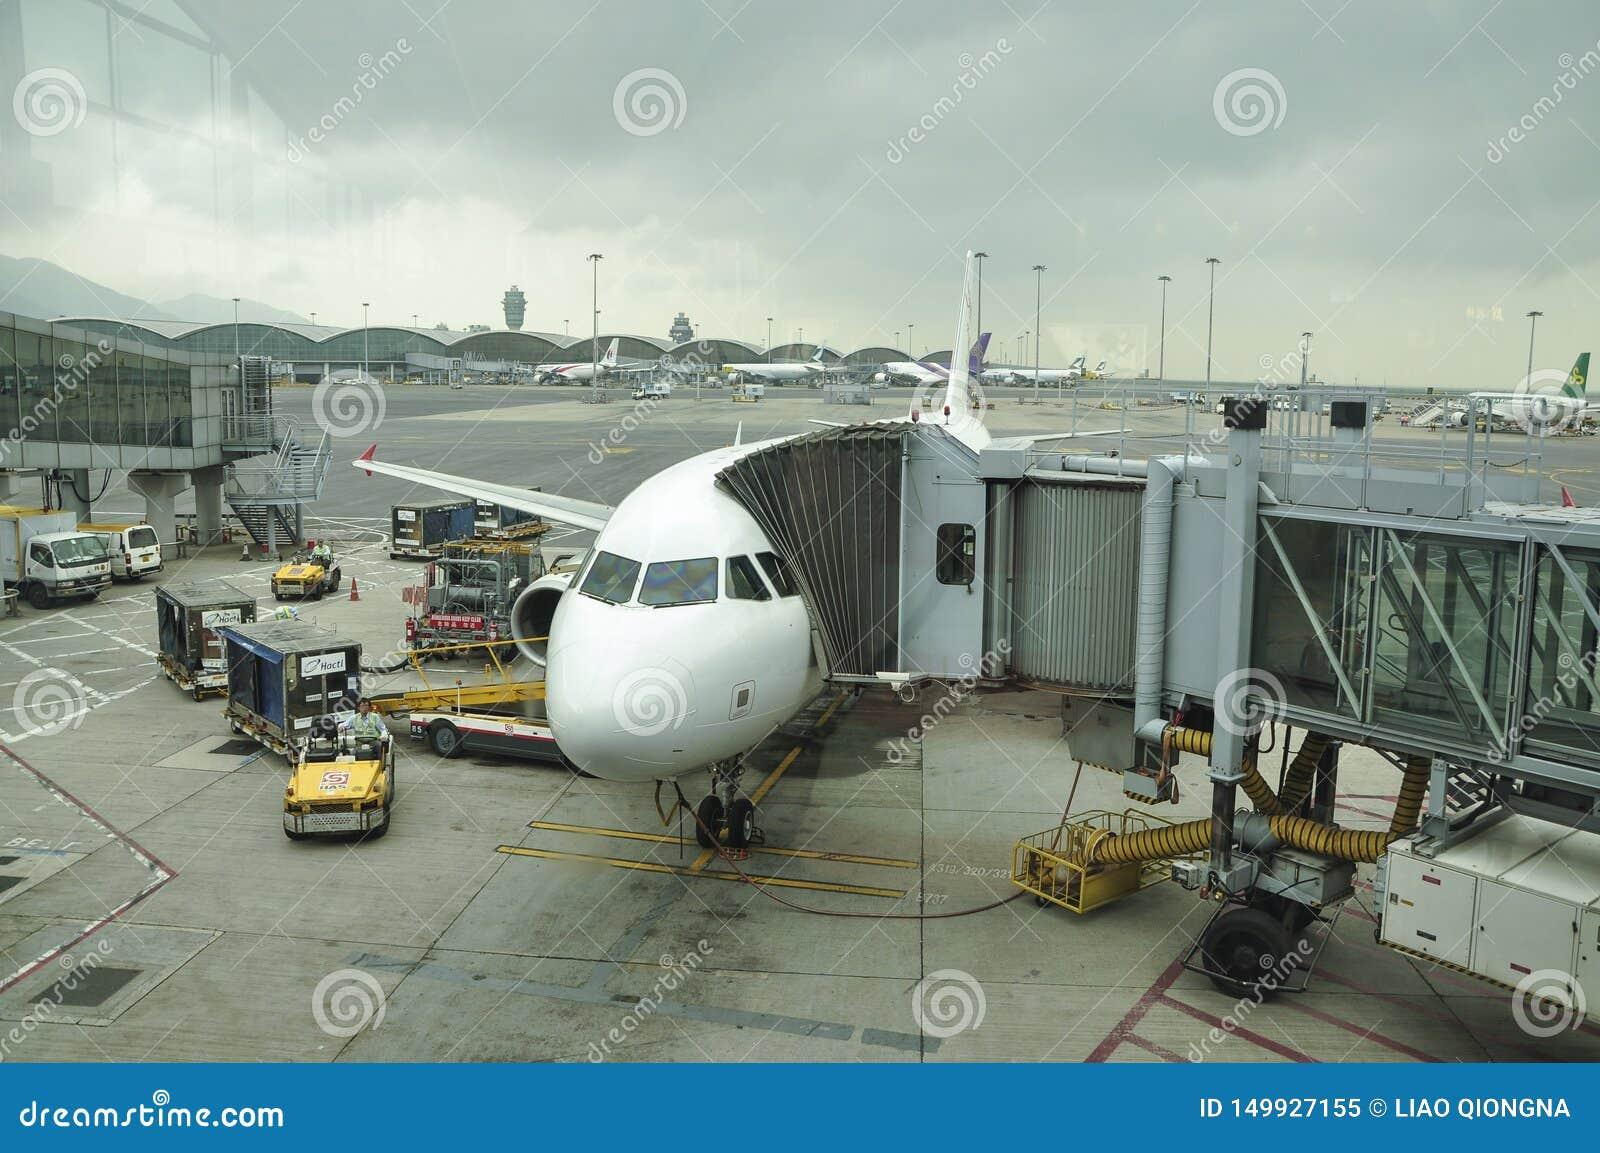 Das Flugzeug auf dem Asphalt Hong Kong International Airport ist der Verkehrsflughafen, der Hong Kong dient